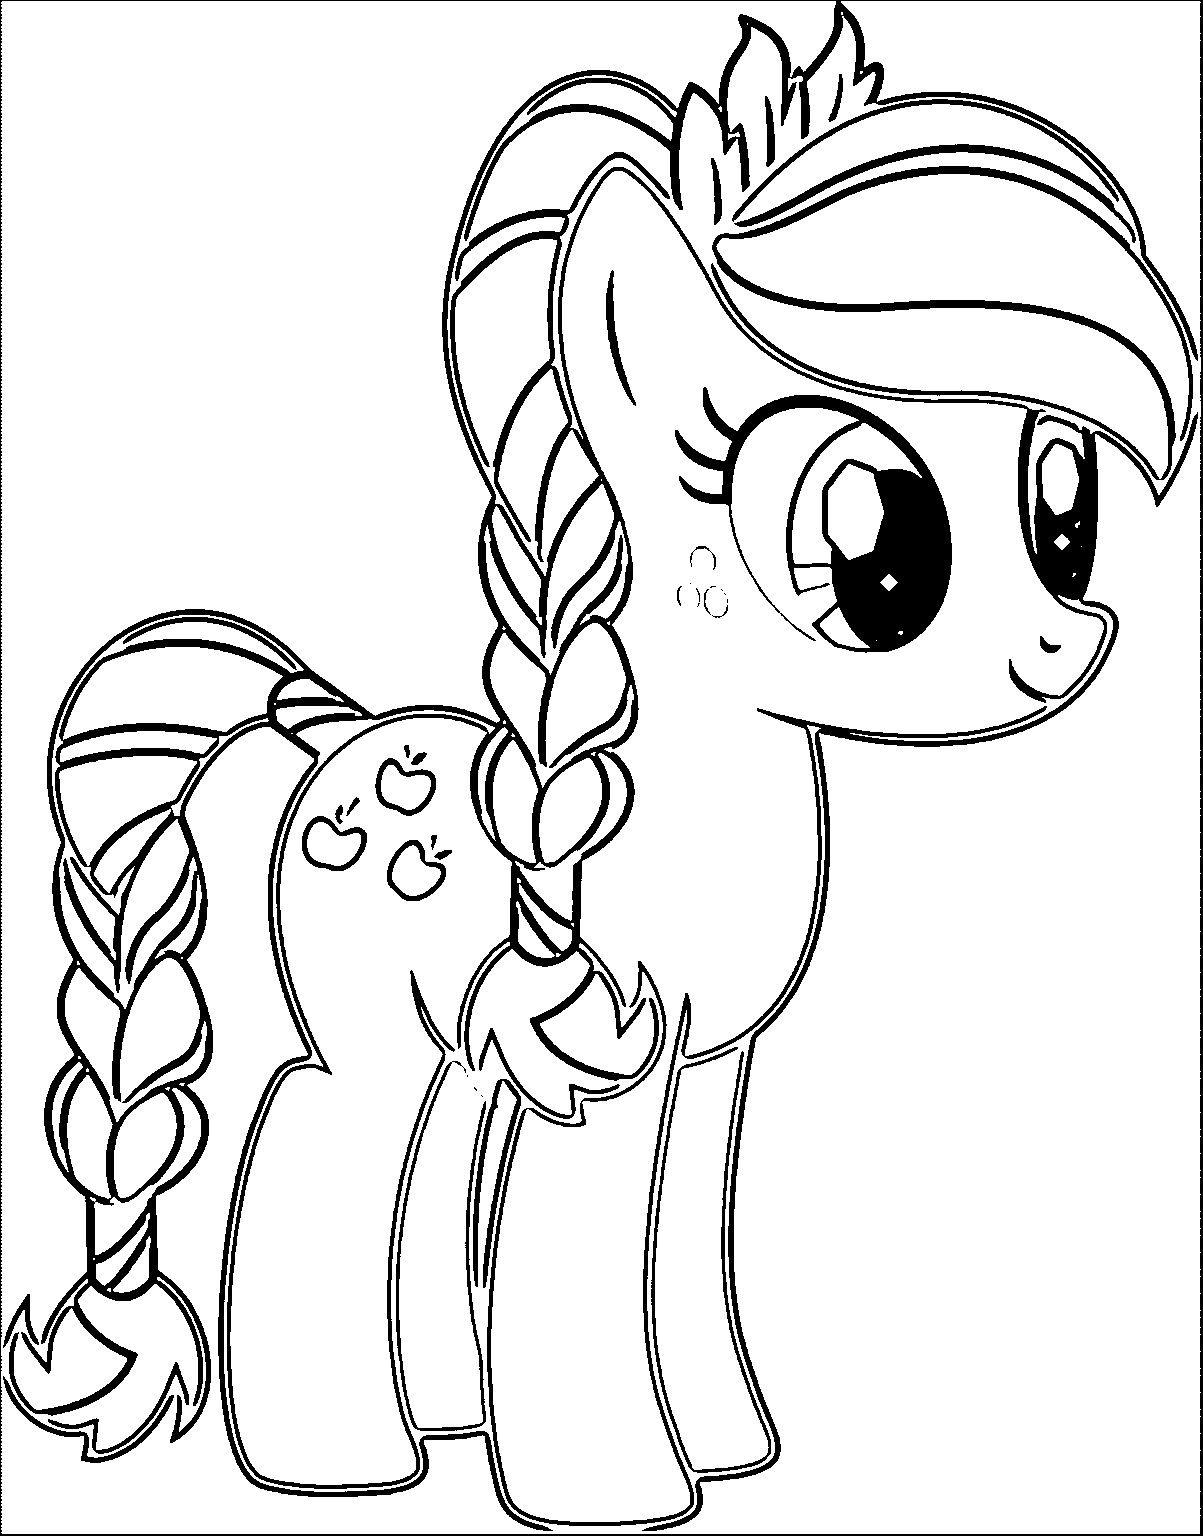 30 Beautiful My Little Pony Coloring Sheets En 2020 tout Coloriage Gratuit My Little Pony